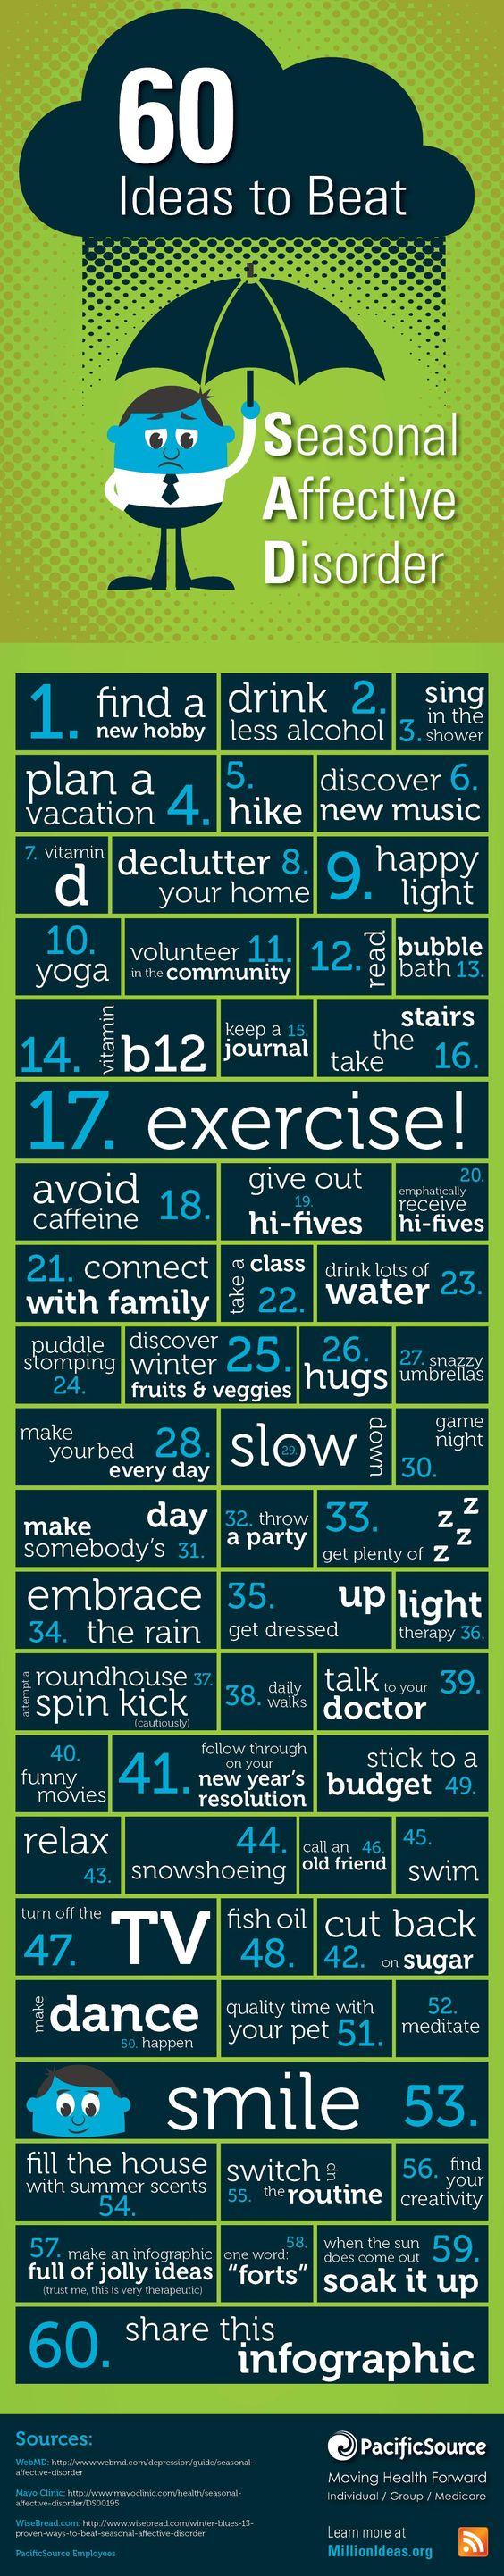 60 ideas infographic